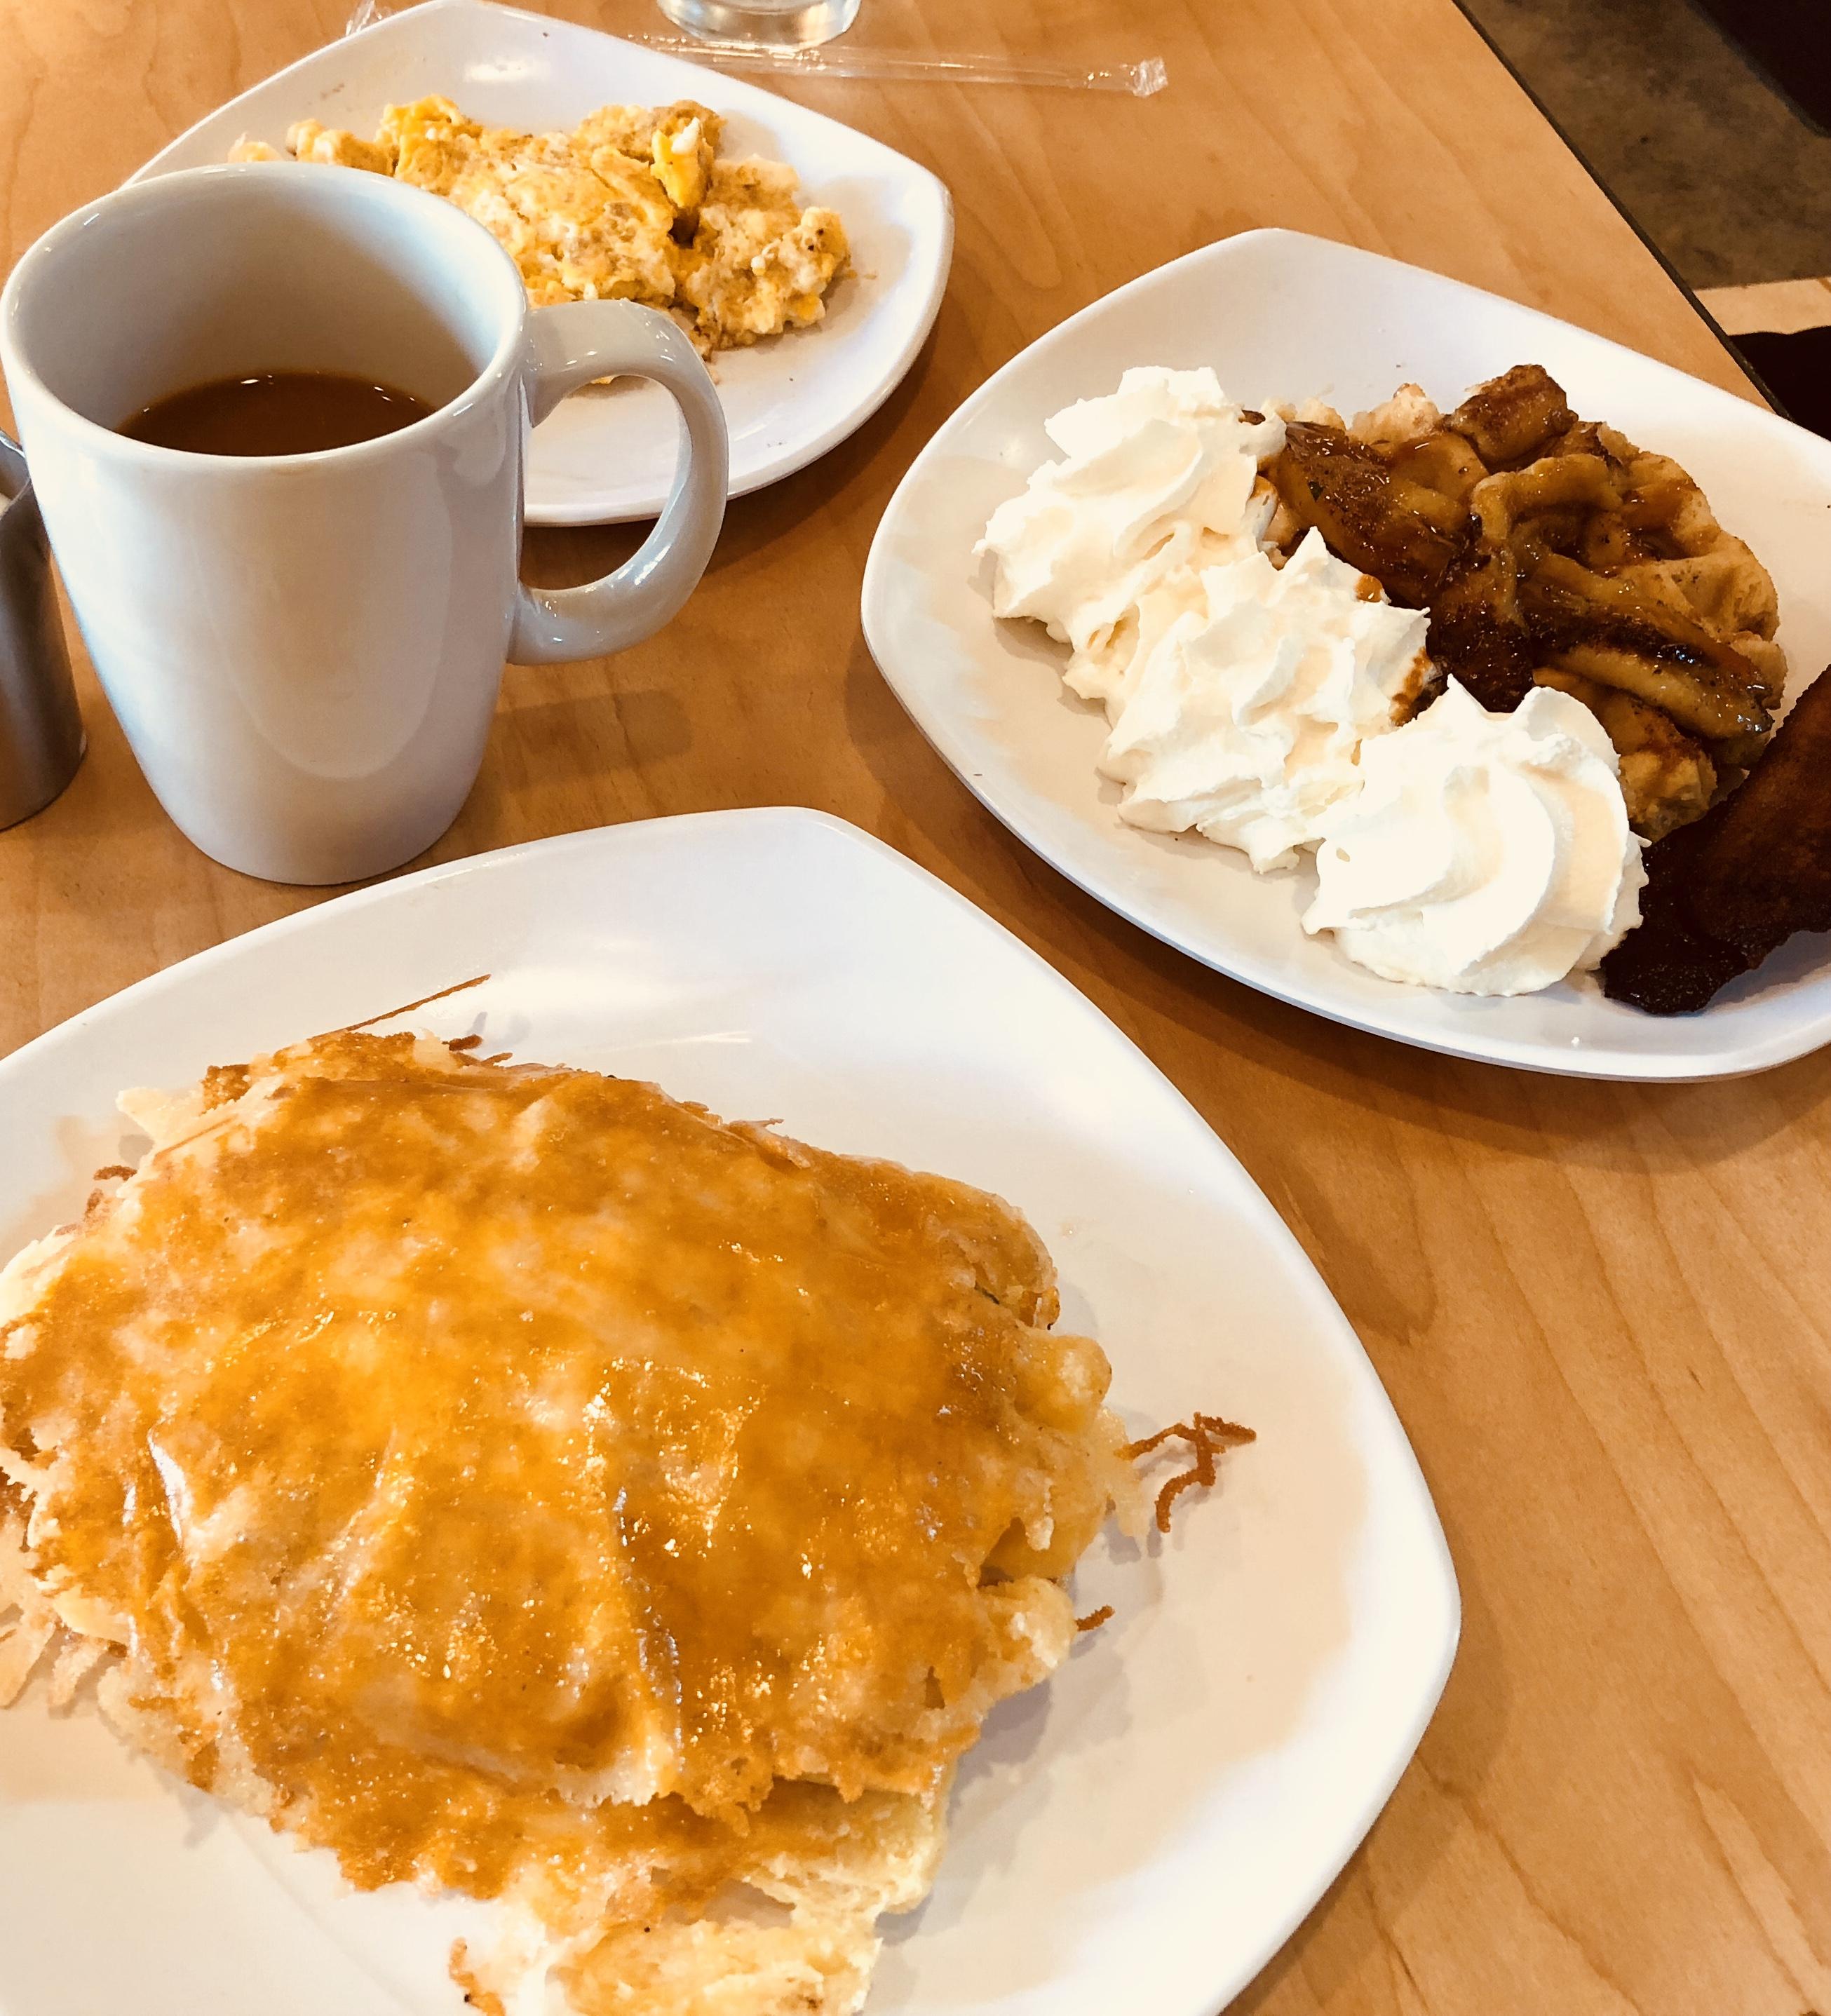 BreakfastSammie